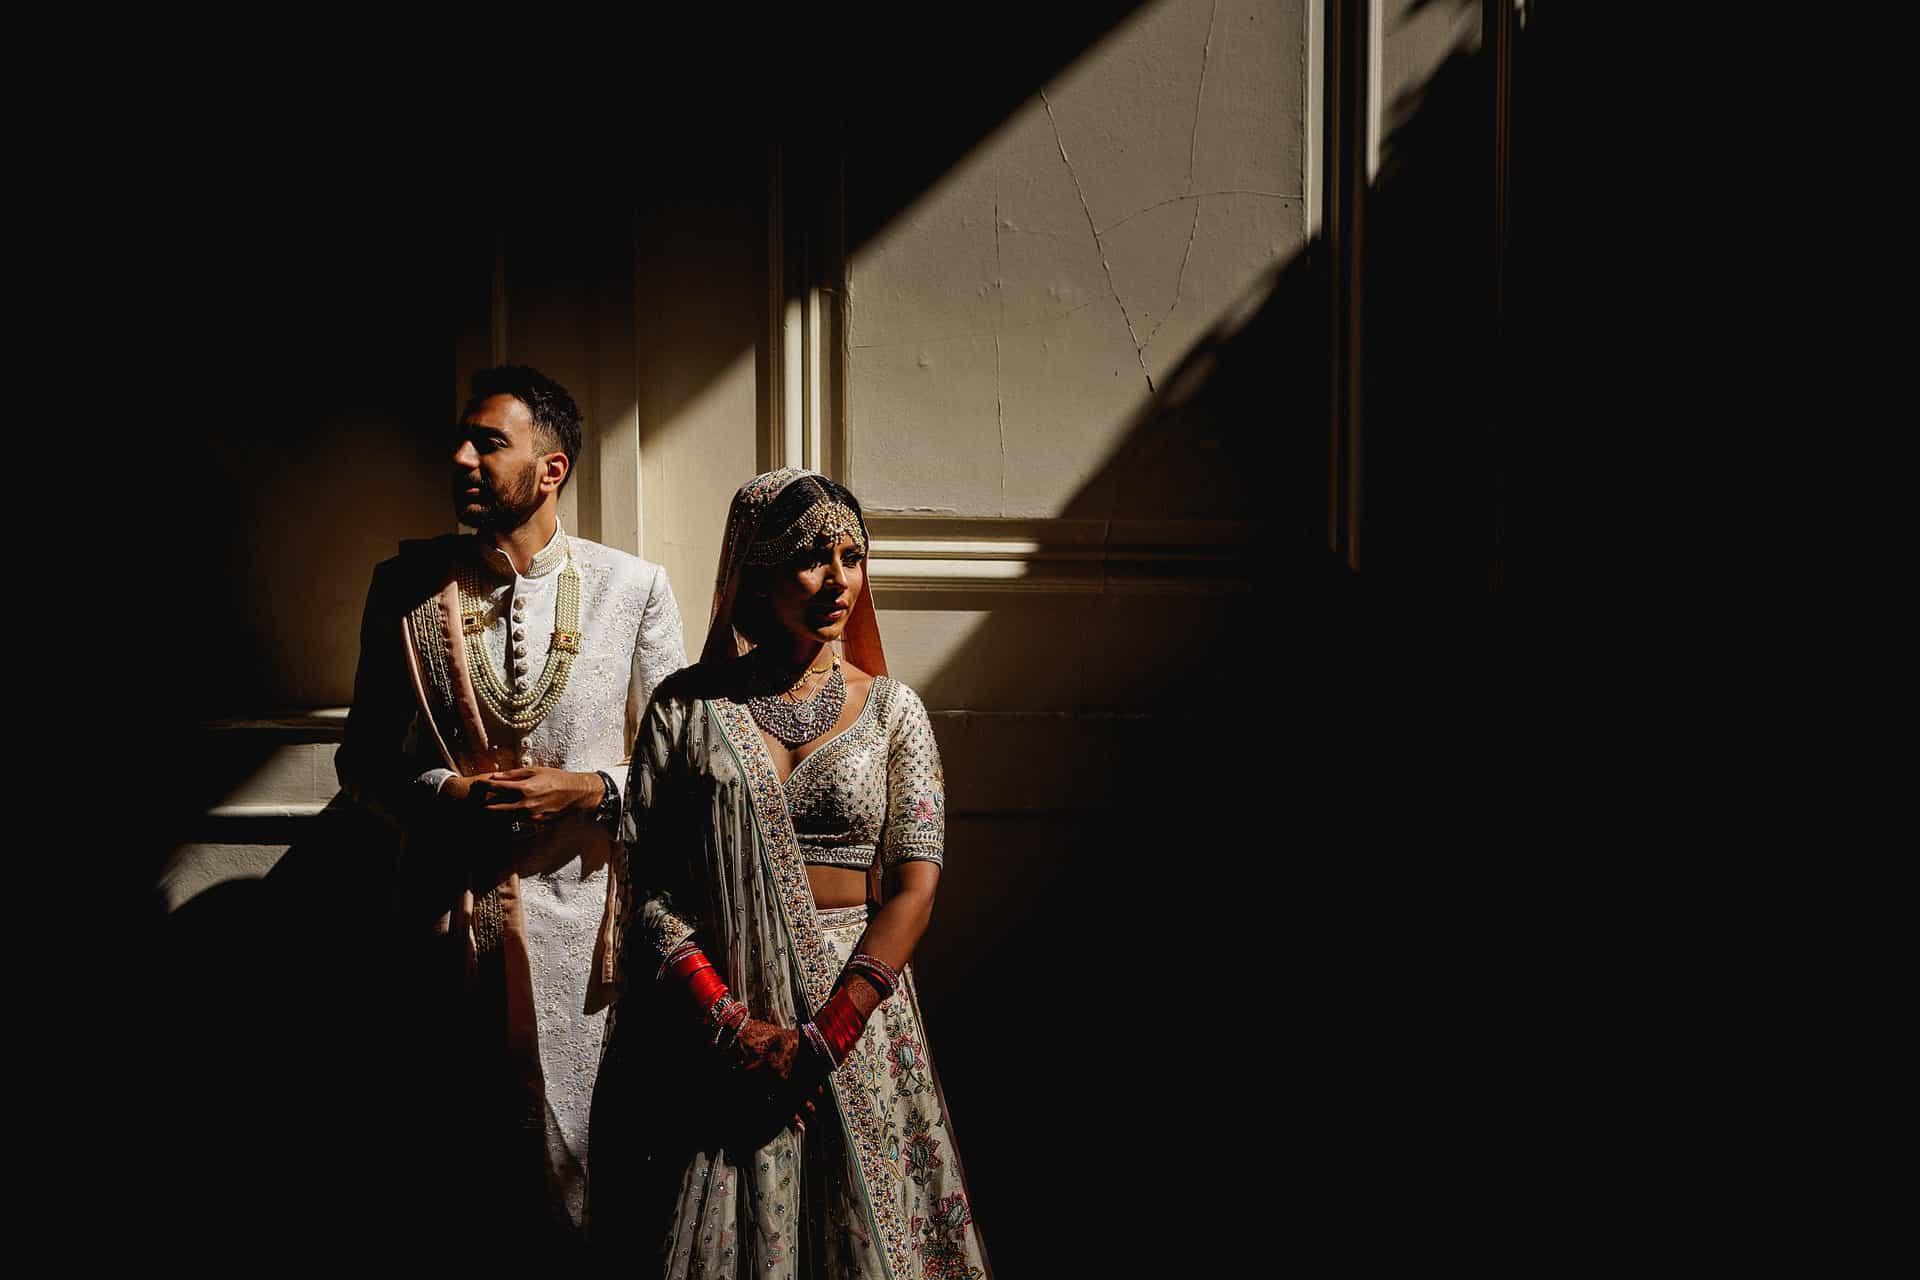 best london uk wedding photography 2020